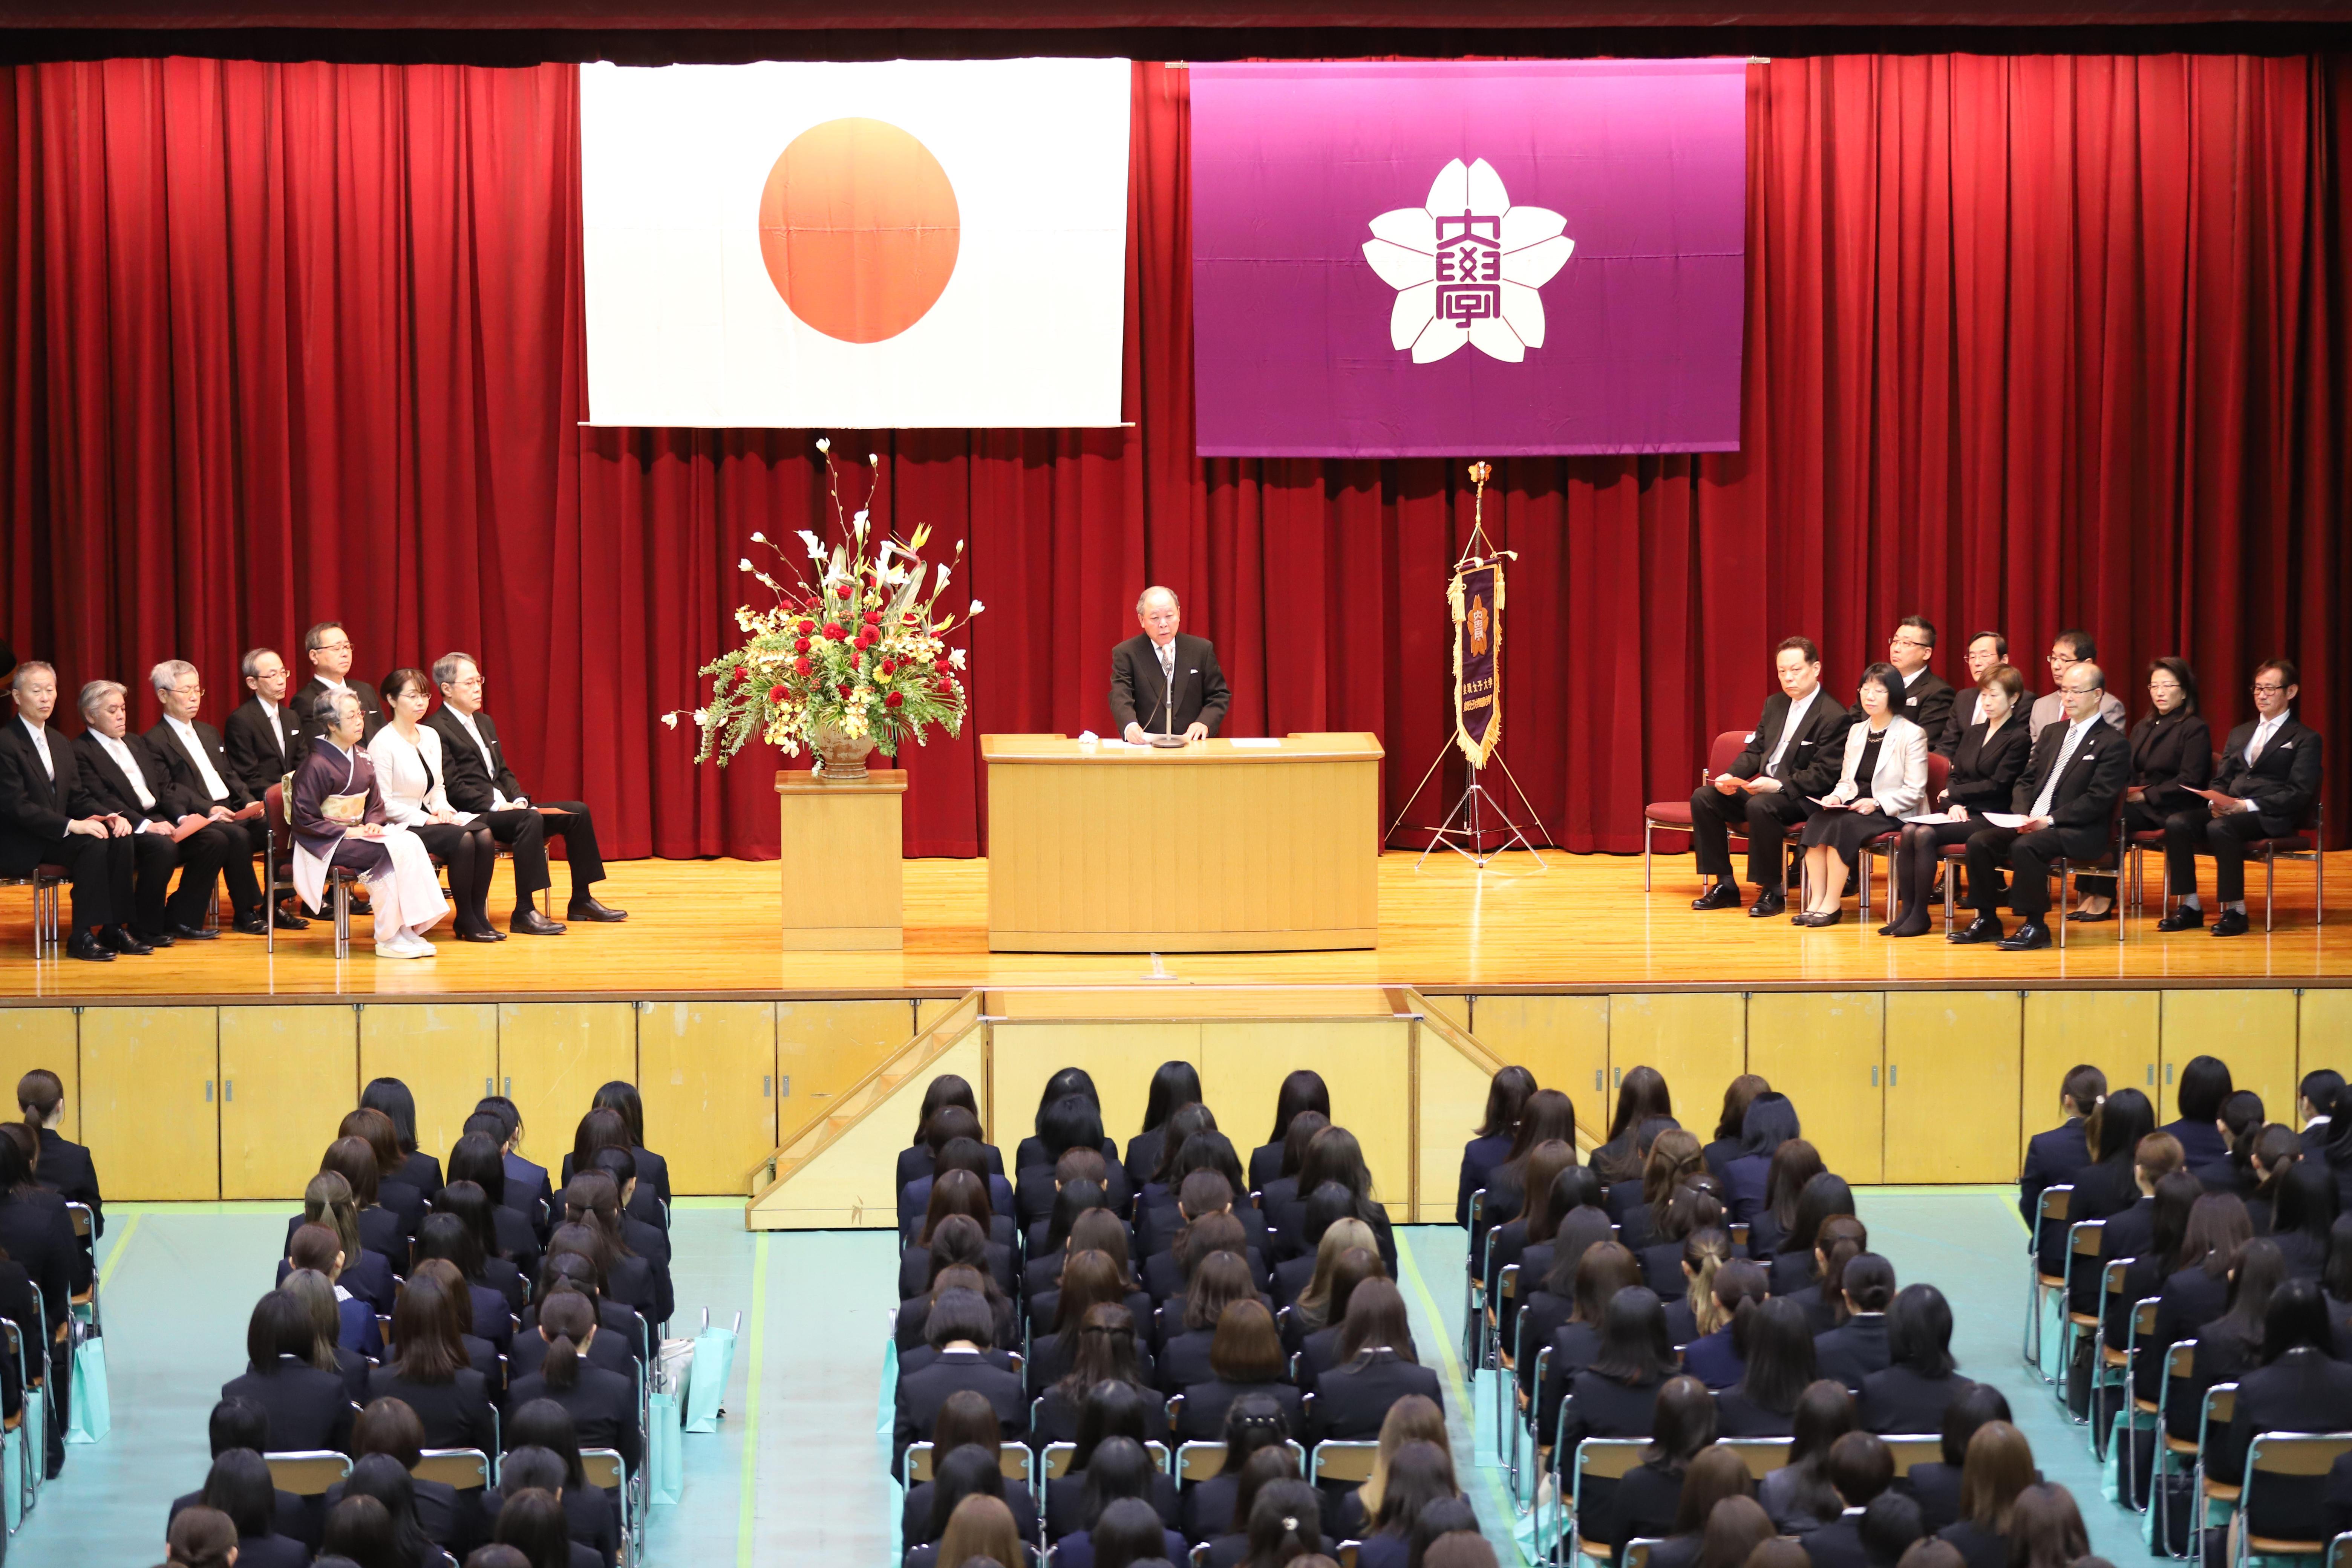 実践女子大学 日野・渋谷2キャンパスにて入学式挙行 -- 城島学長式辞 「創立120周年の年、本年4月より学生総合支援制度:J-TASを始動、オリンピック・パラリンピック参加支援」